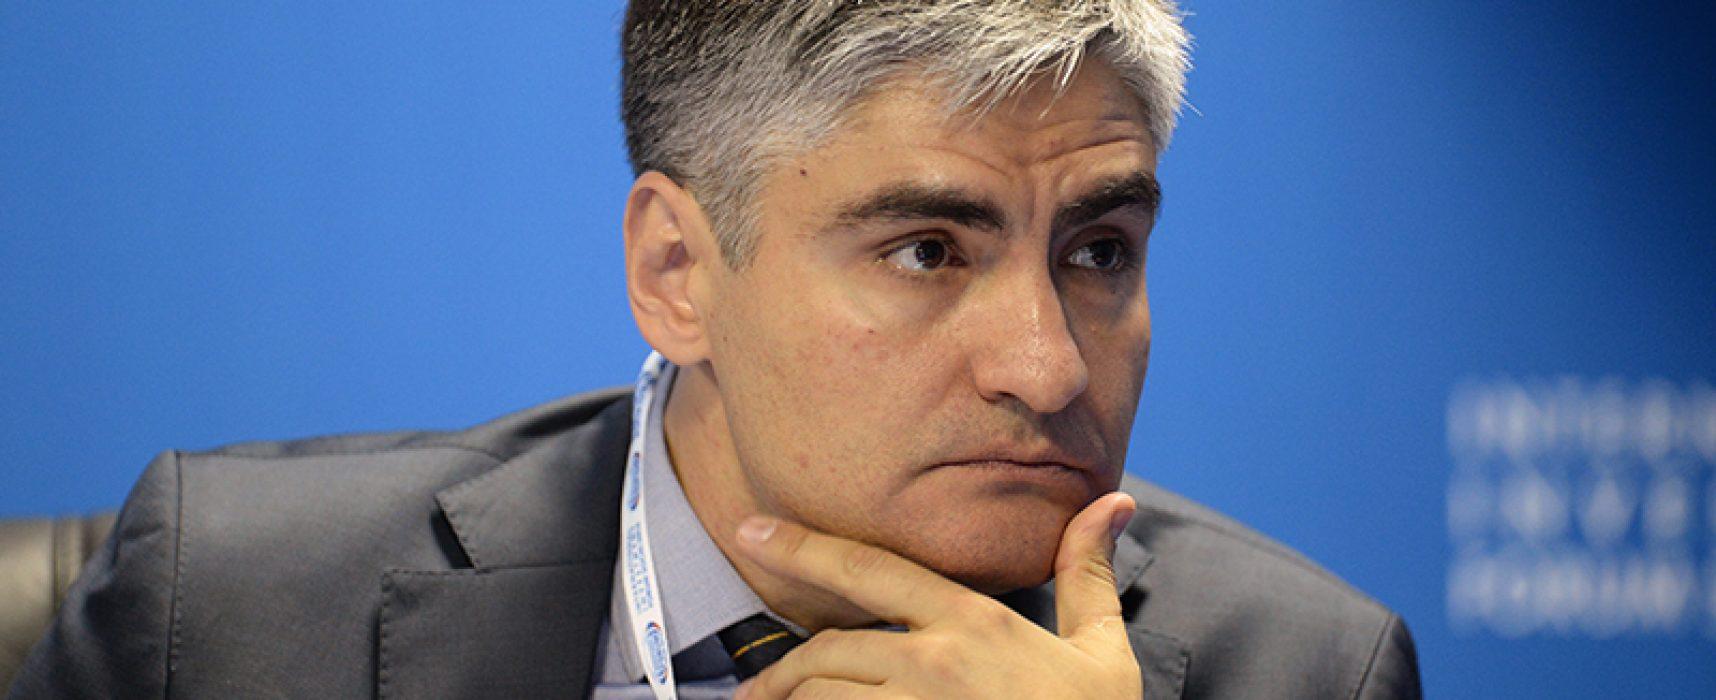 Вместе с директором с РБК-ТВ уйдут руководители и ведущие журналисты